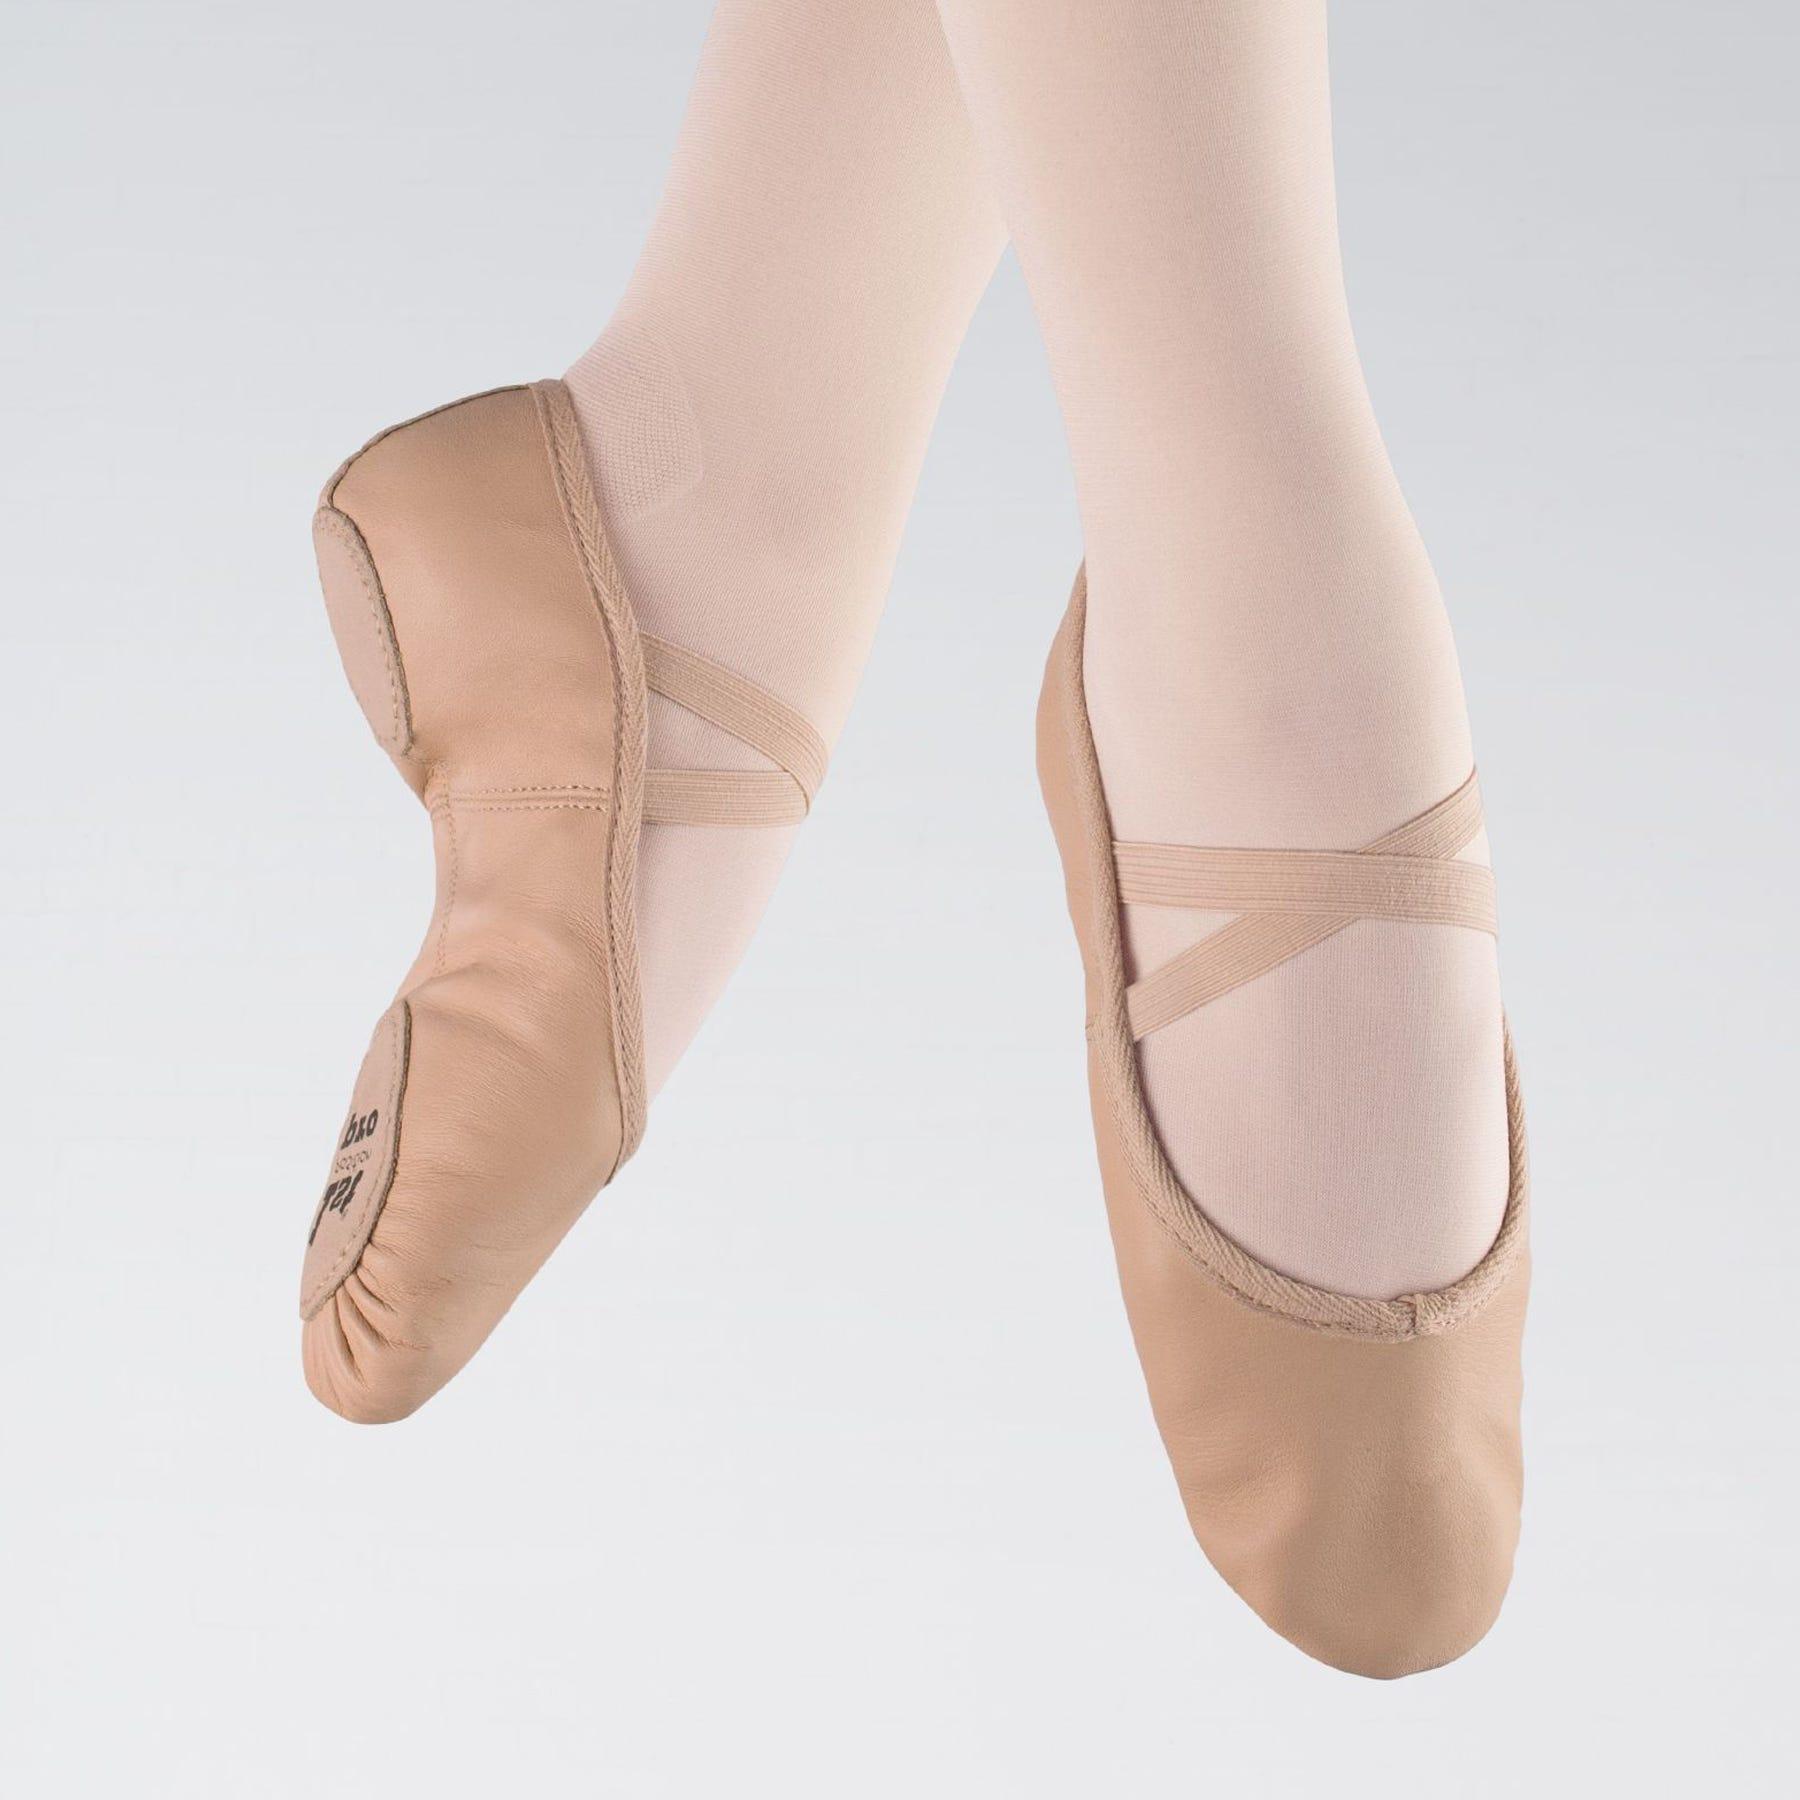 Ballettschuhe mit geteilter Sohle